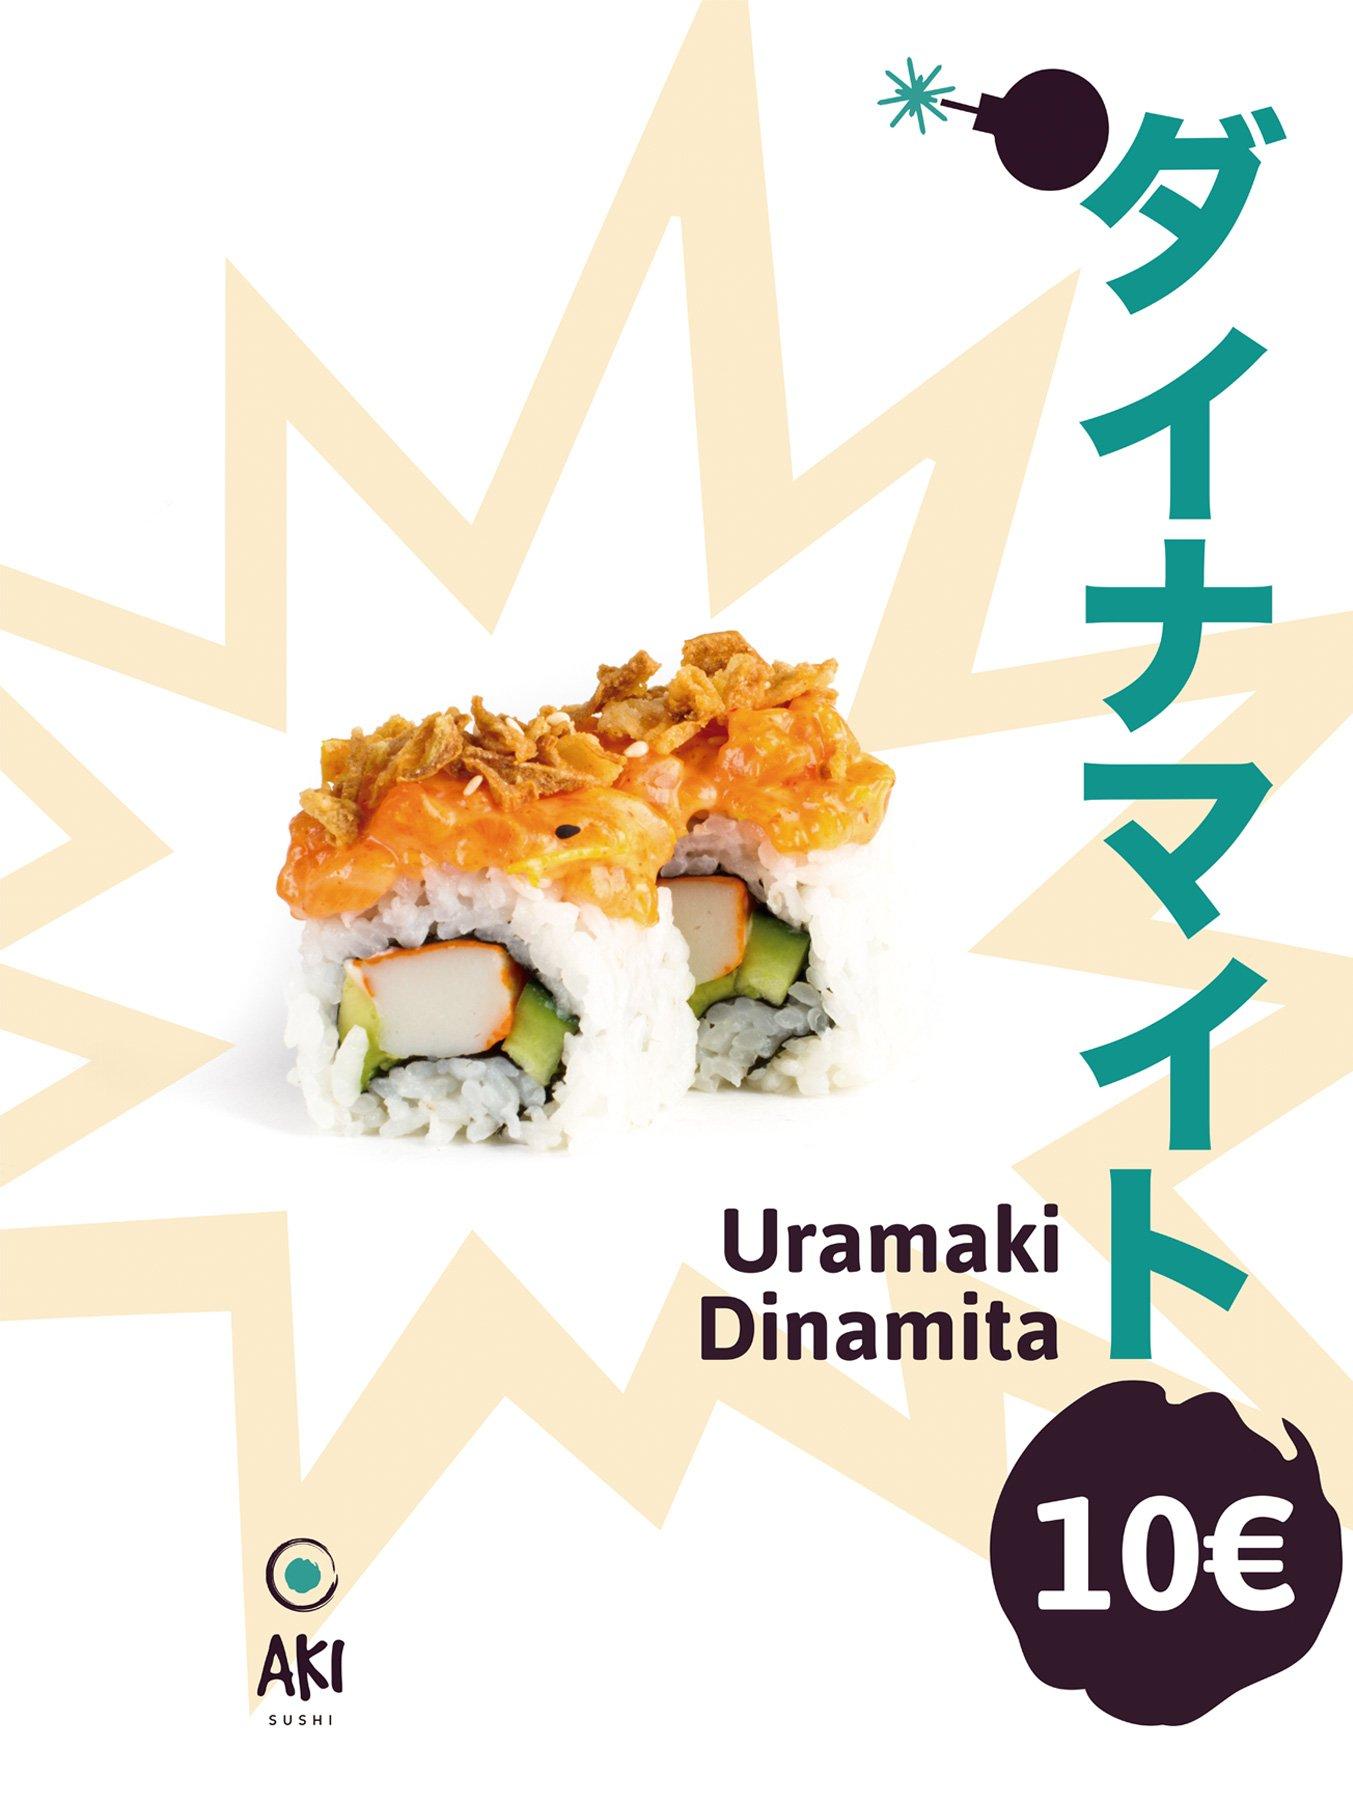 fotografia-de-producto-aki-sushi-1